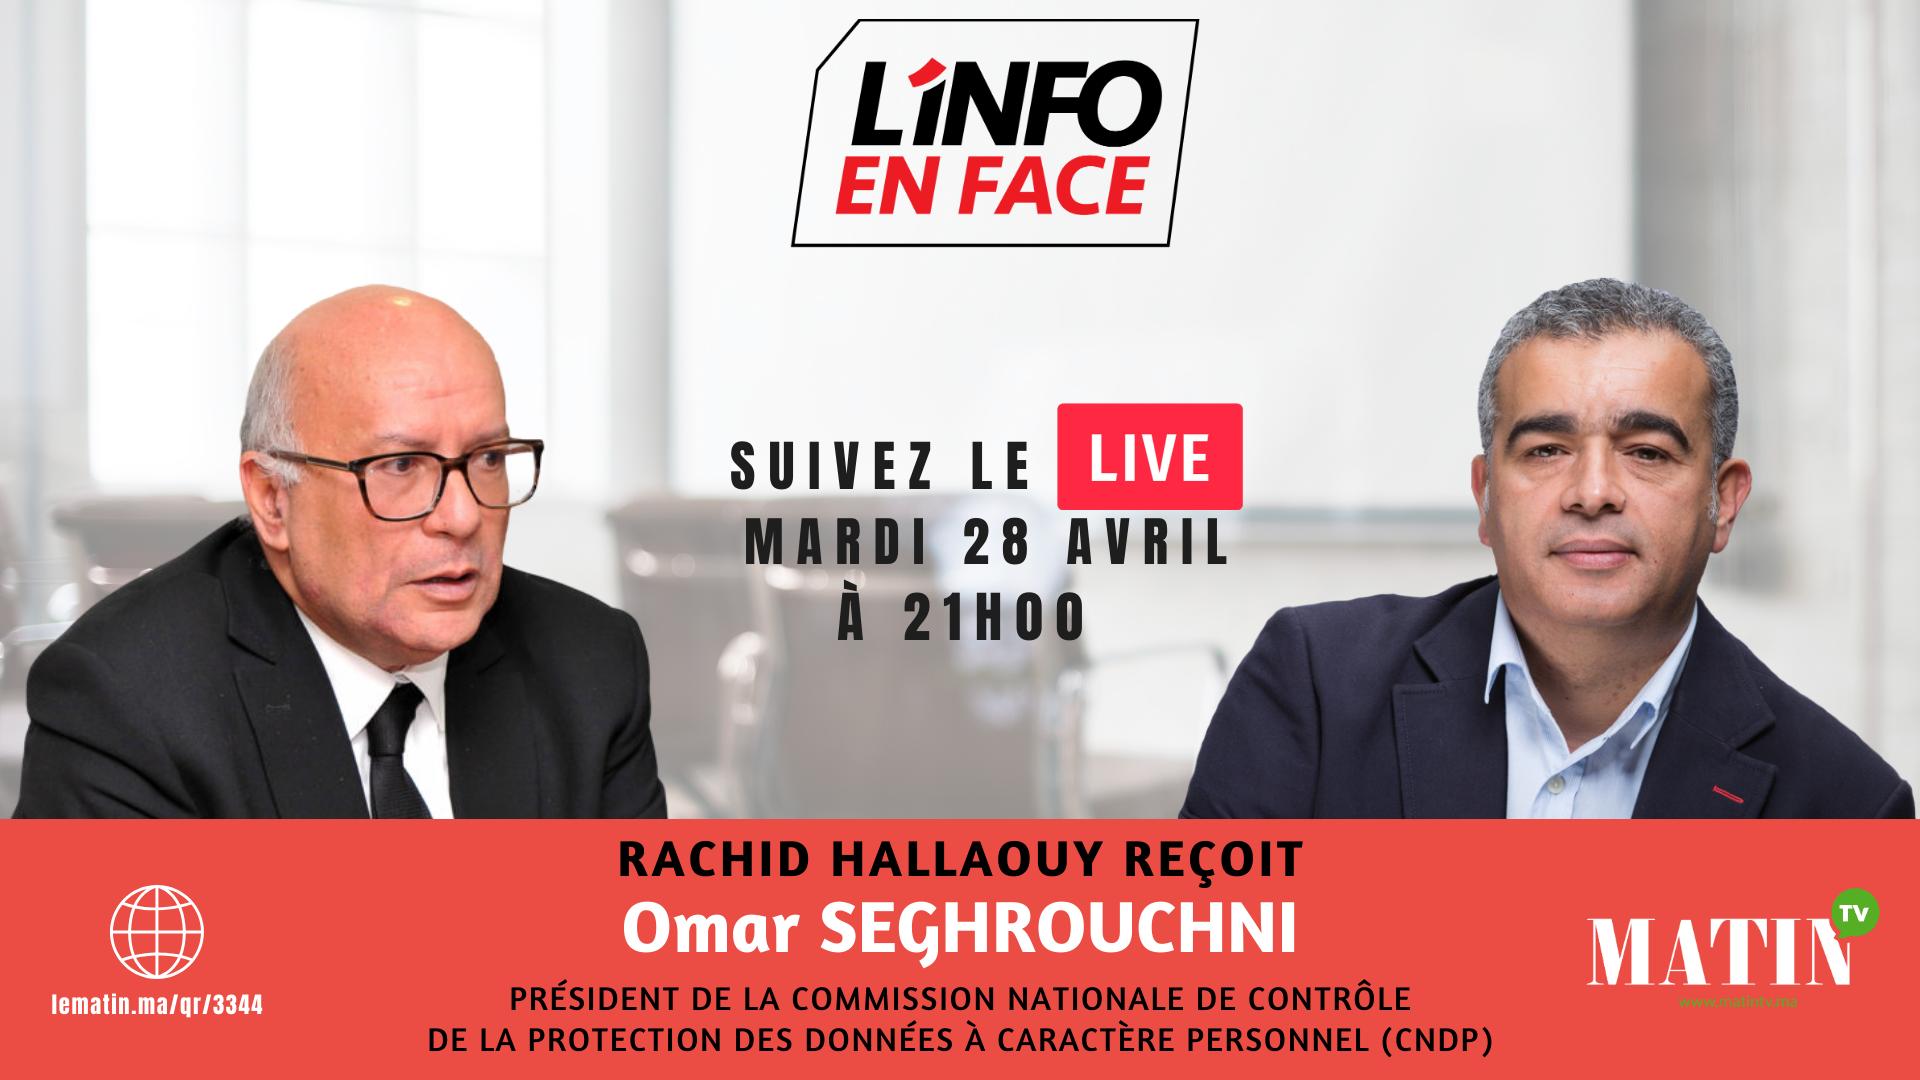 Live : L'Info en Face avec Omar Seghrouchni